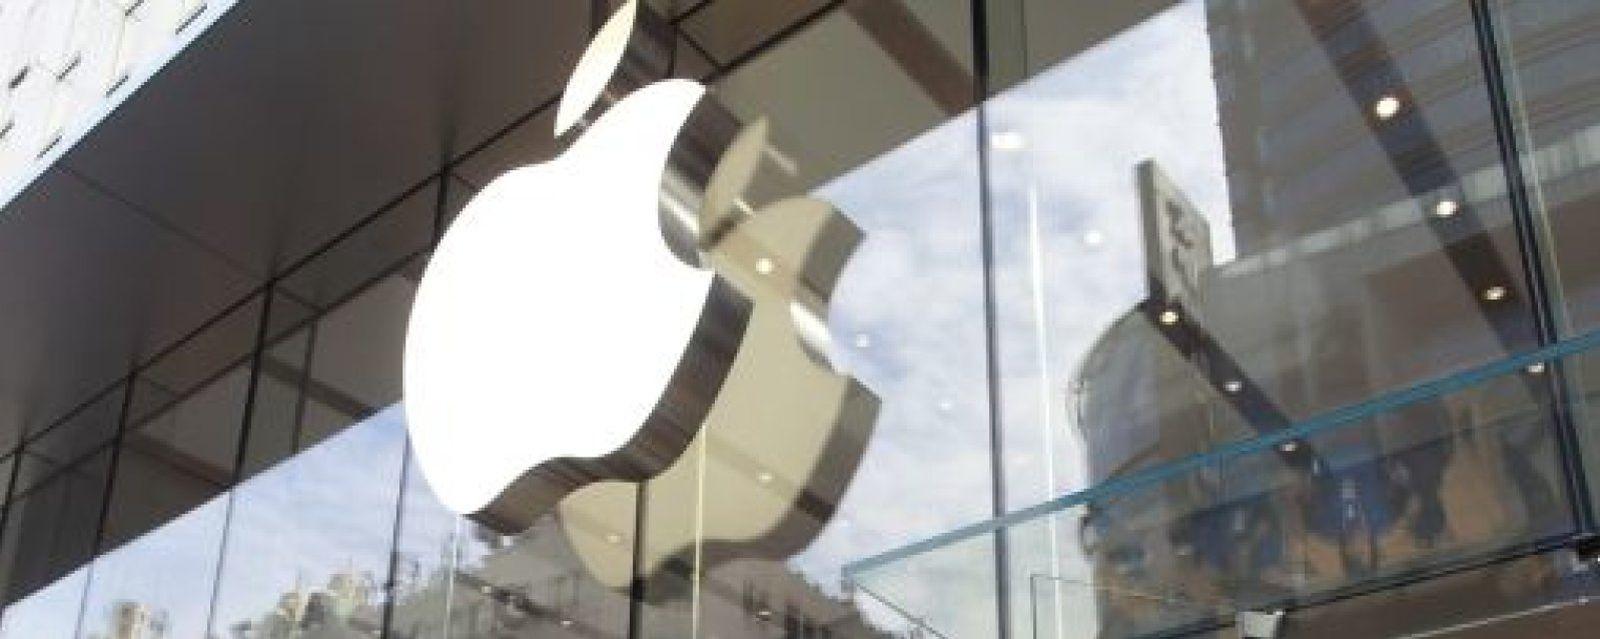 Foto: ¿Apple engaña a sus clientes? Facua denuncia al gigante del iPhone por el plazo de la garantía